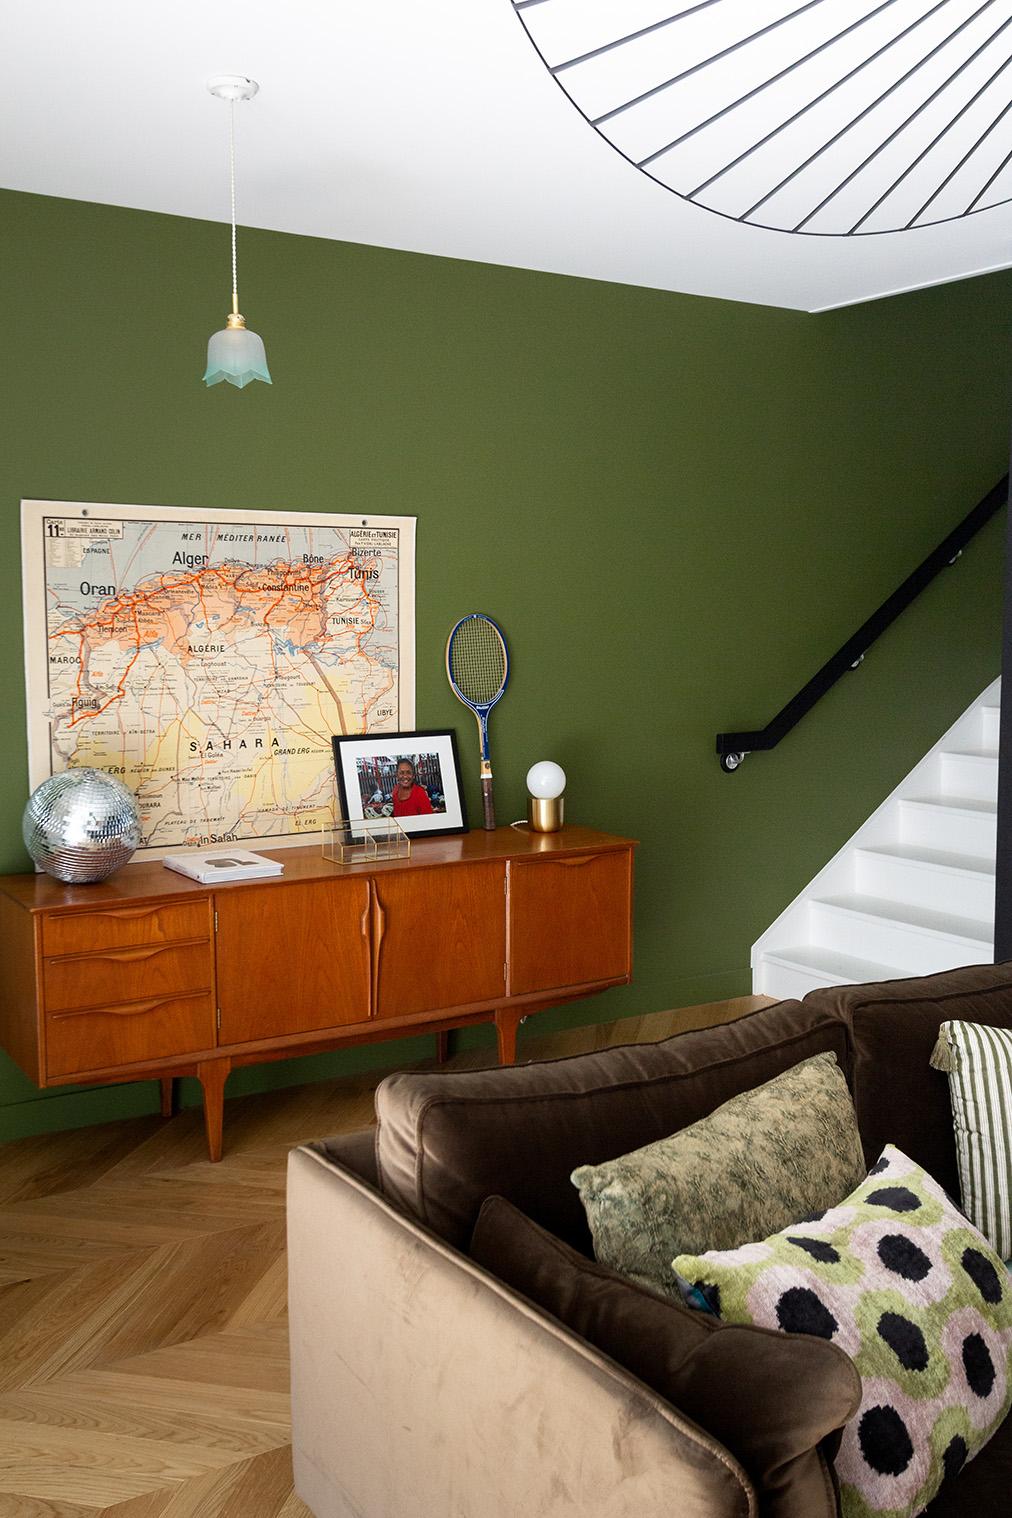 Rénovation haussmannien - meuble chiné et vert Bancha de Farrox & Ball - Architecte intérieur Paris - Studio Mariekke